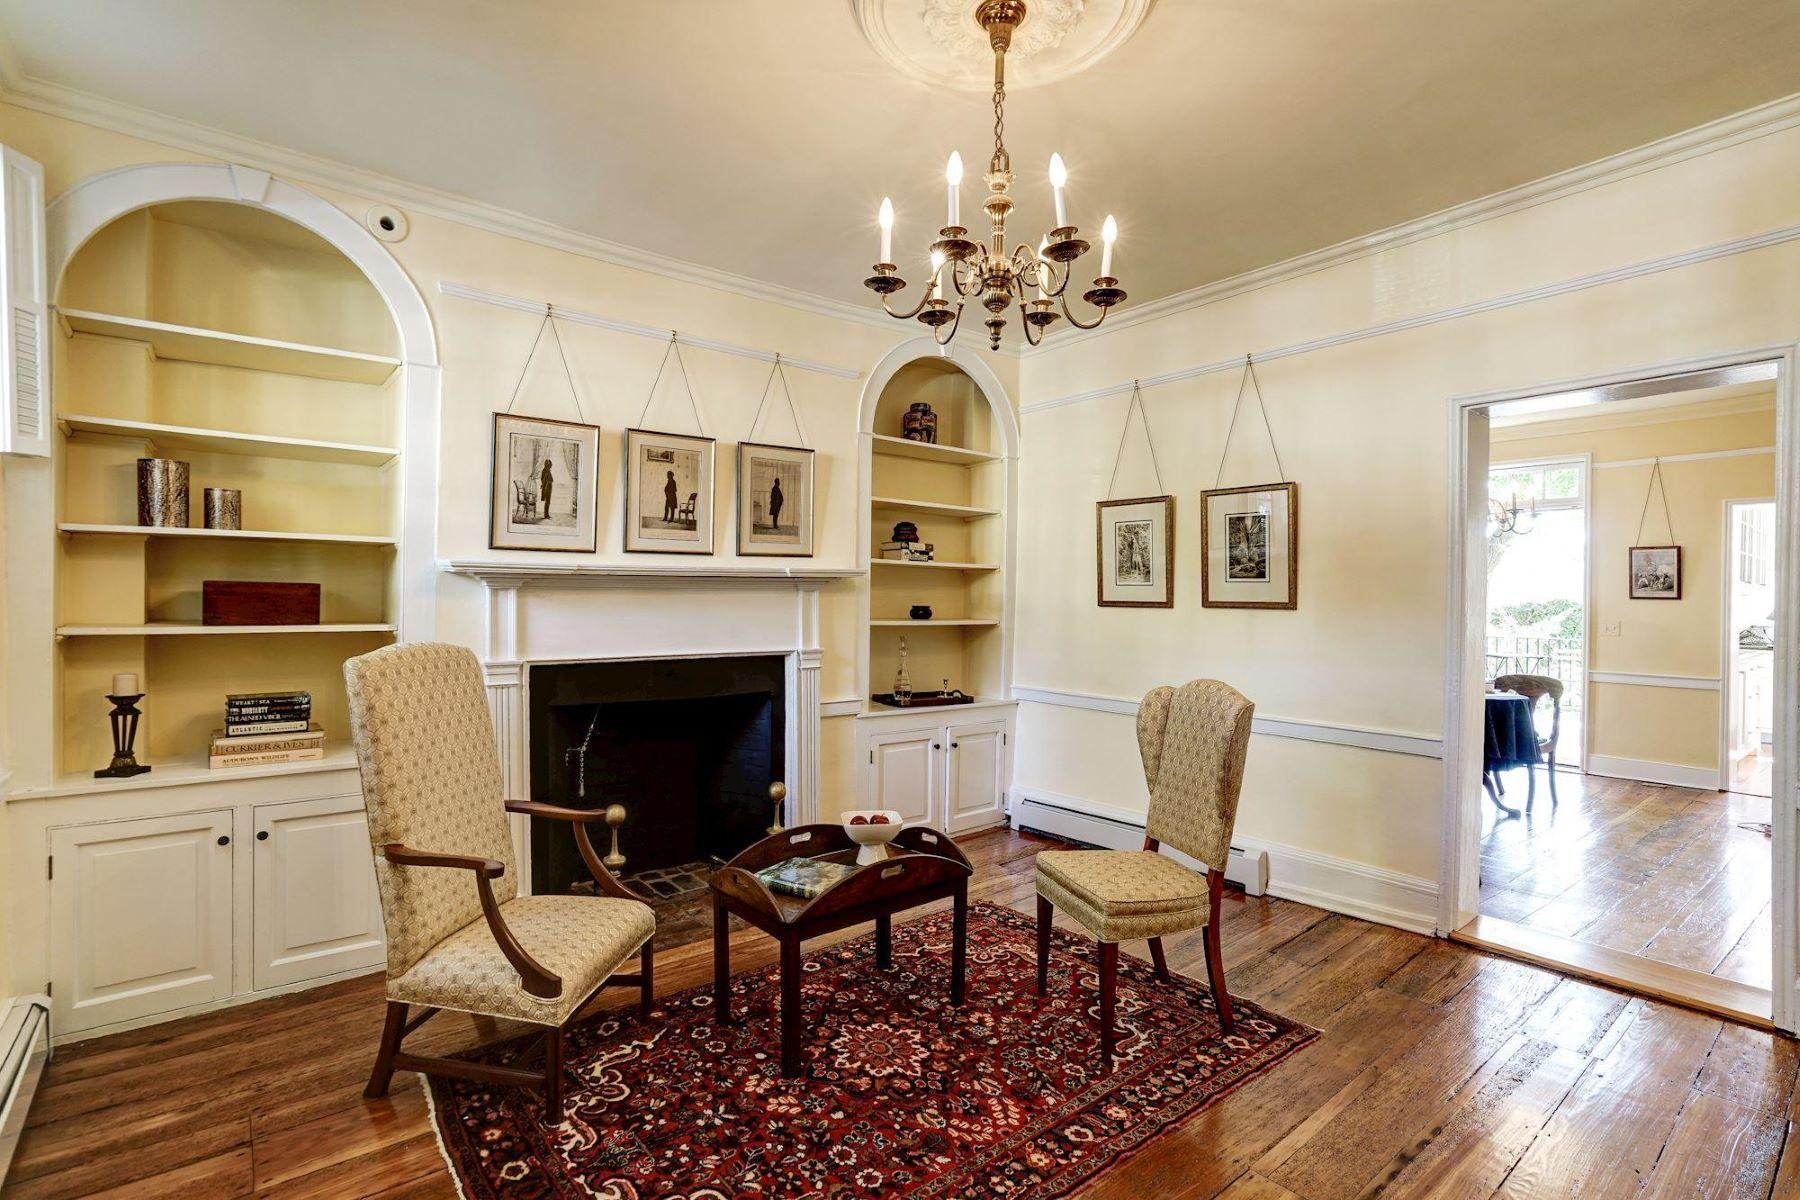 Σπίτι στην πόλη για την Πώληση στο 1110 Prince St 1110 Prince St Alexandria, Βιρτζινια 22314 Ηνωμενεσ Πολιτειεσ